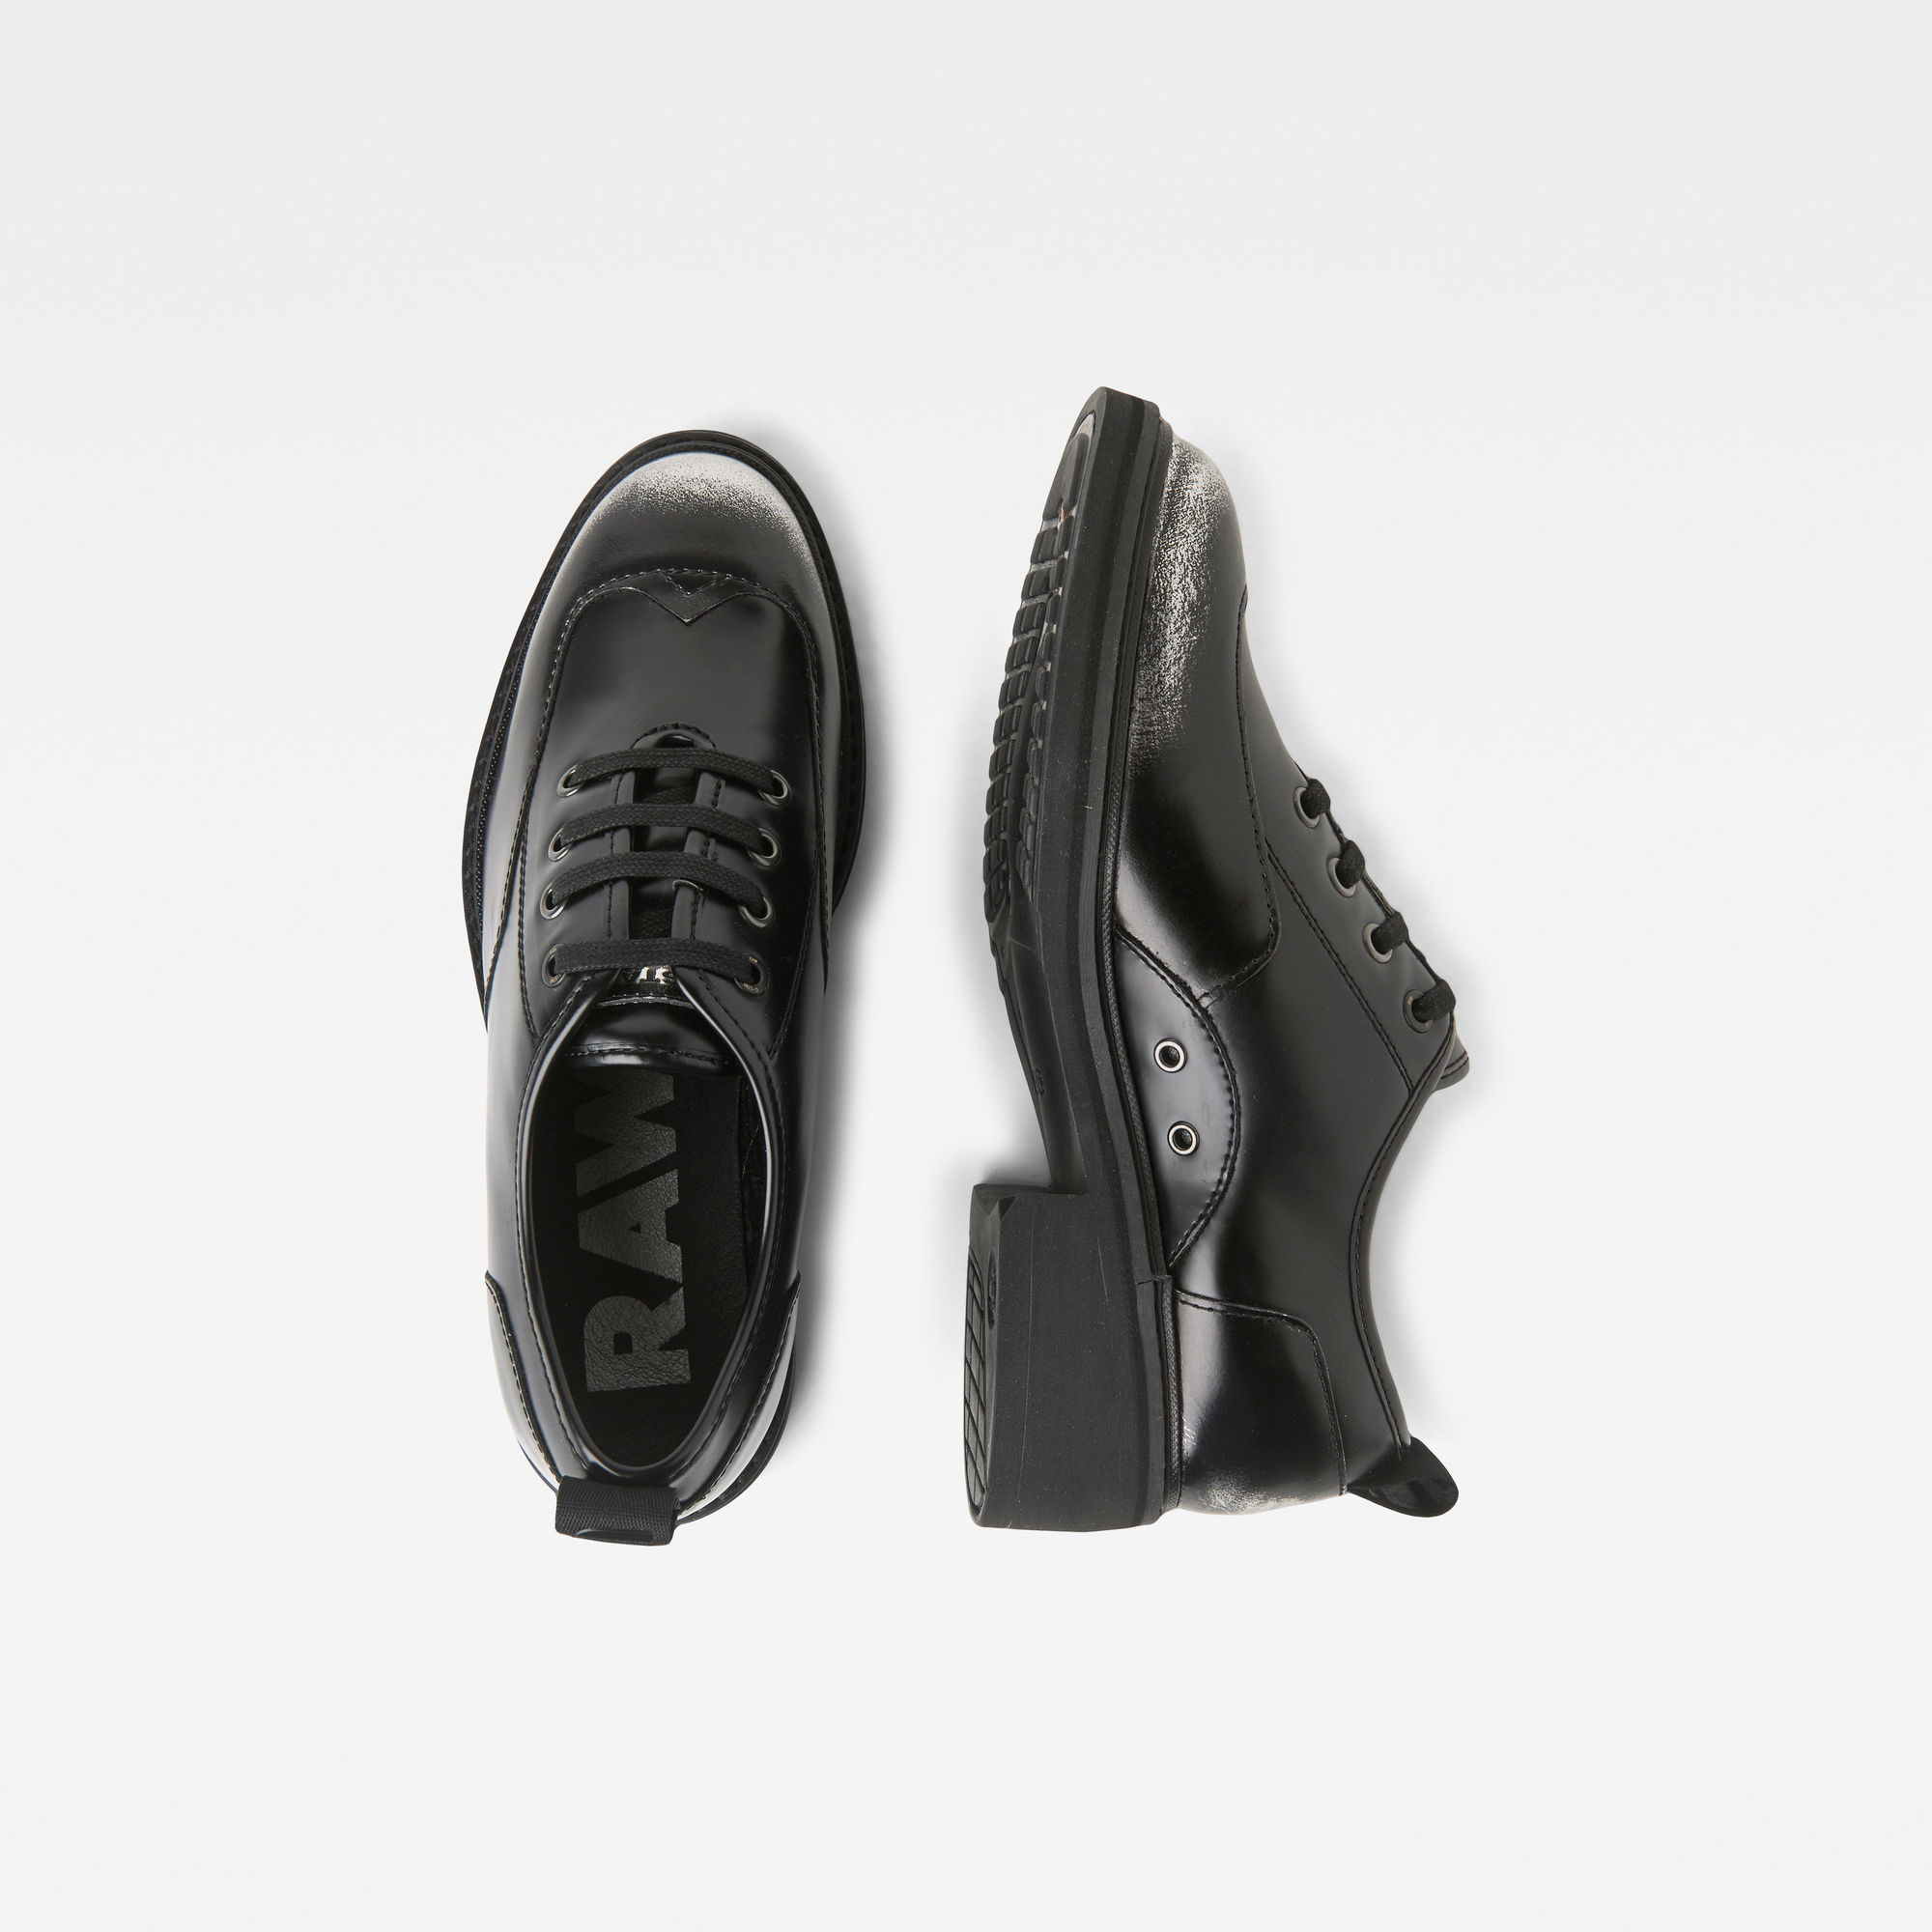 Tacoma Shoes